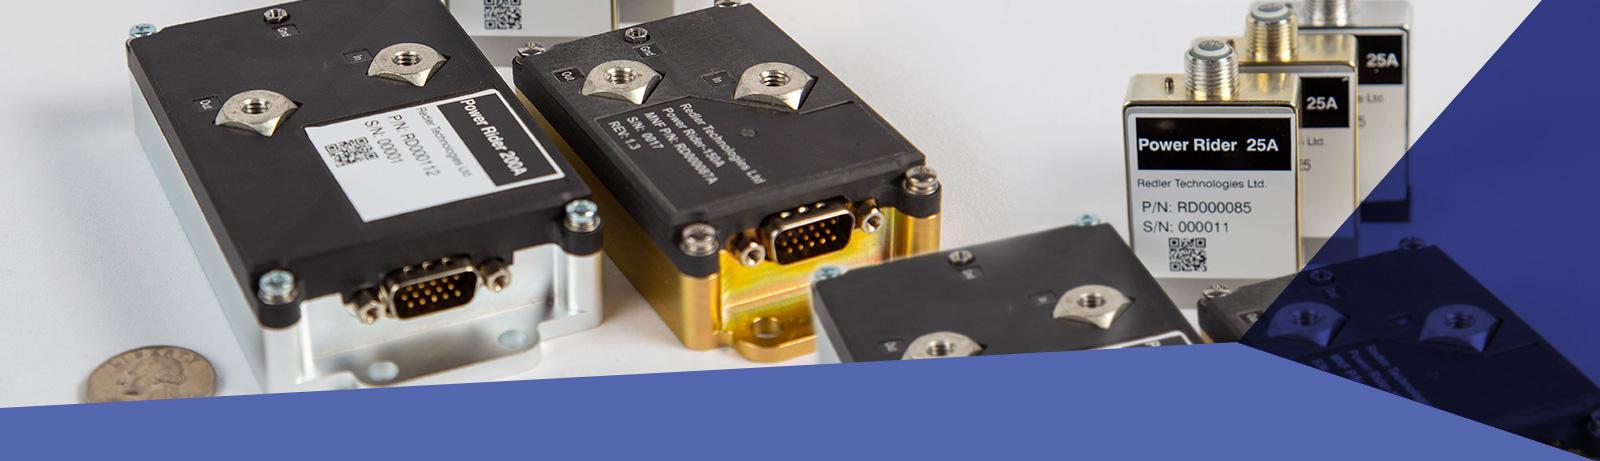 Elektrisches Leistungs- und Motorsteuerungstreibermanagement